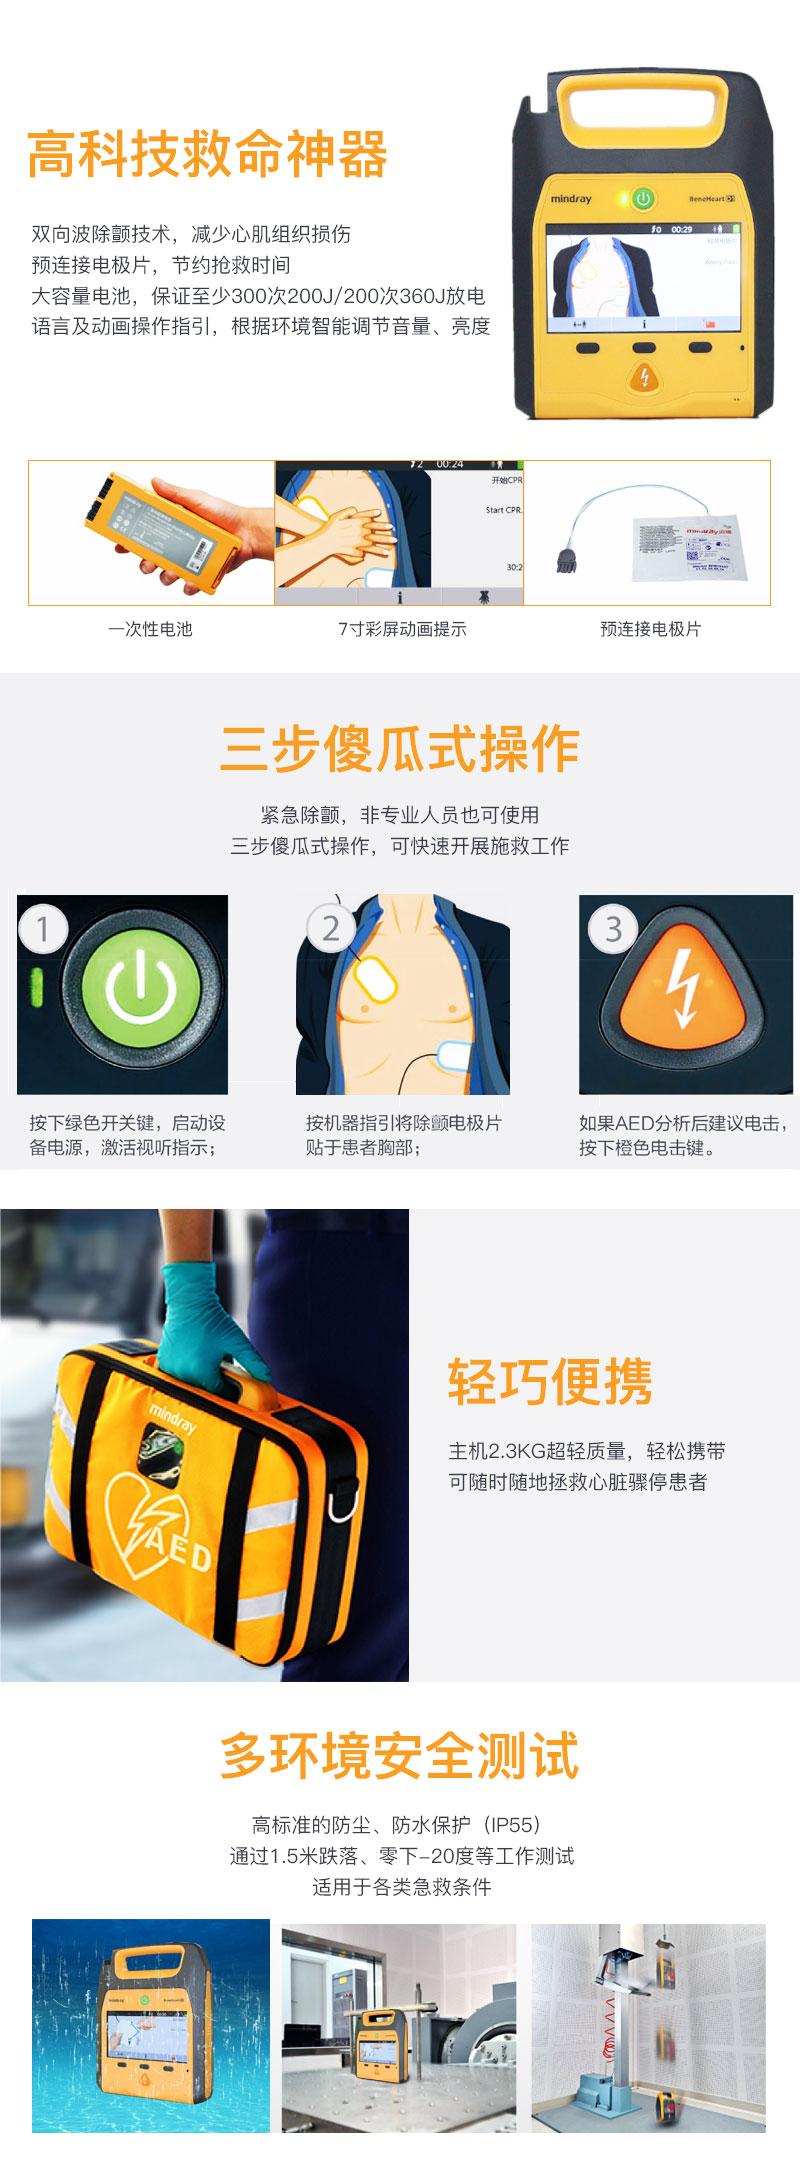 迈瑞aed自动体外除颤仪 BeneHeart D1产品核心特点,双向波除颤技术,傻瓜式操作,携带便携,适用多种环境